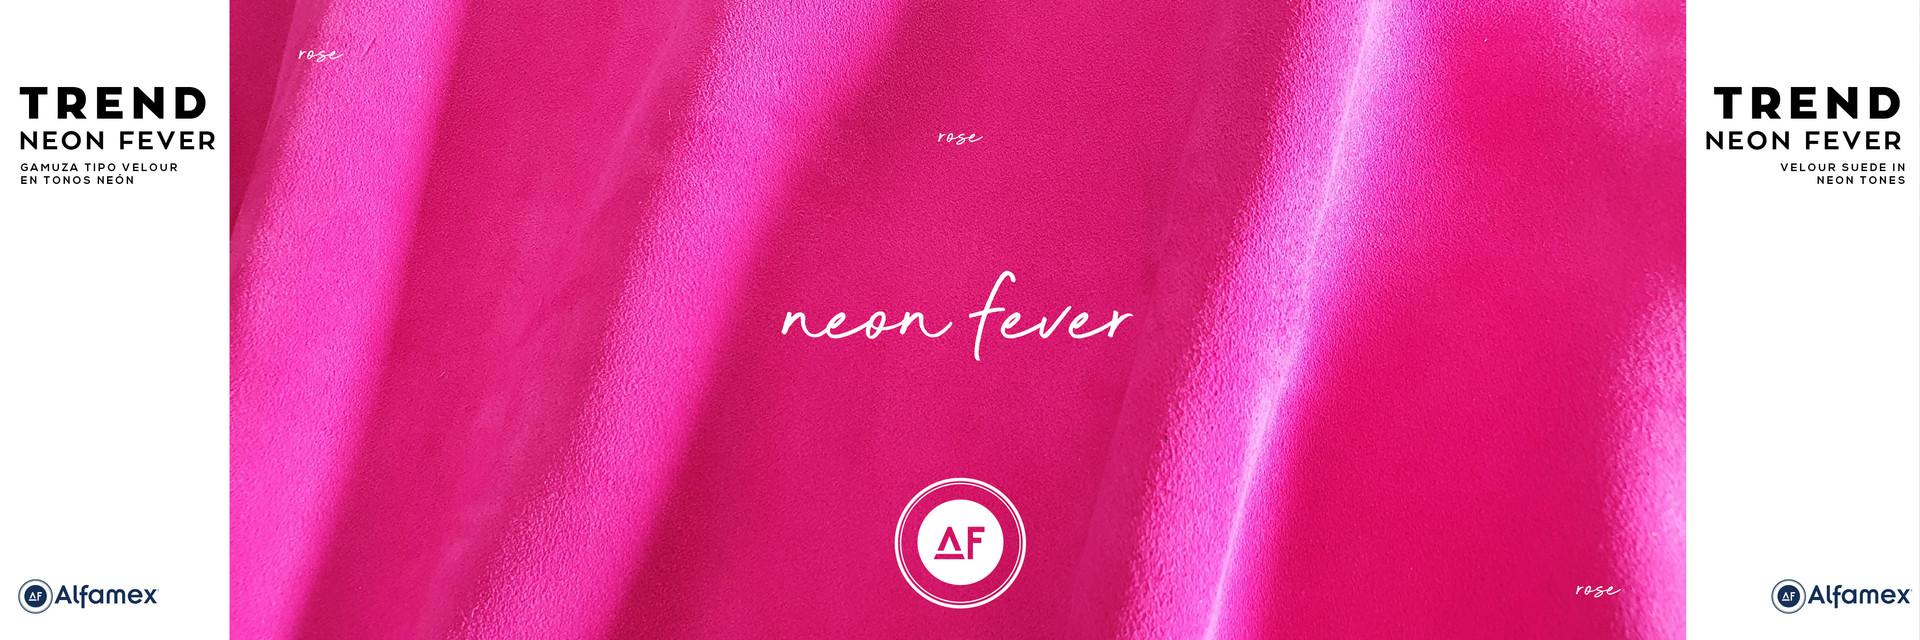 Base-de-los-tres-archivos-neon-fever.jpg